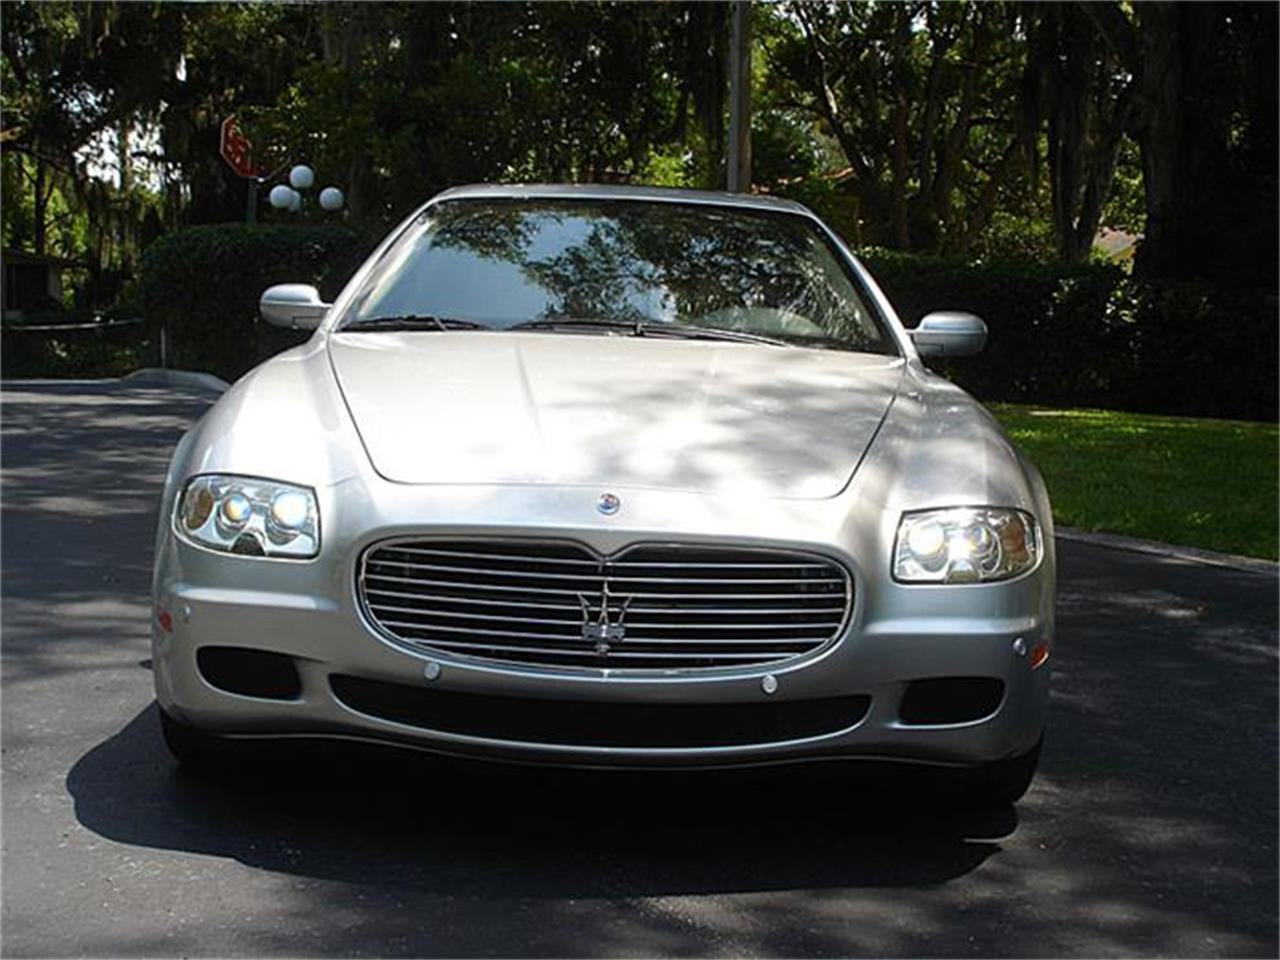 2005 Maserati Quattroporte for sale in Mt. Dora, FL ...